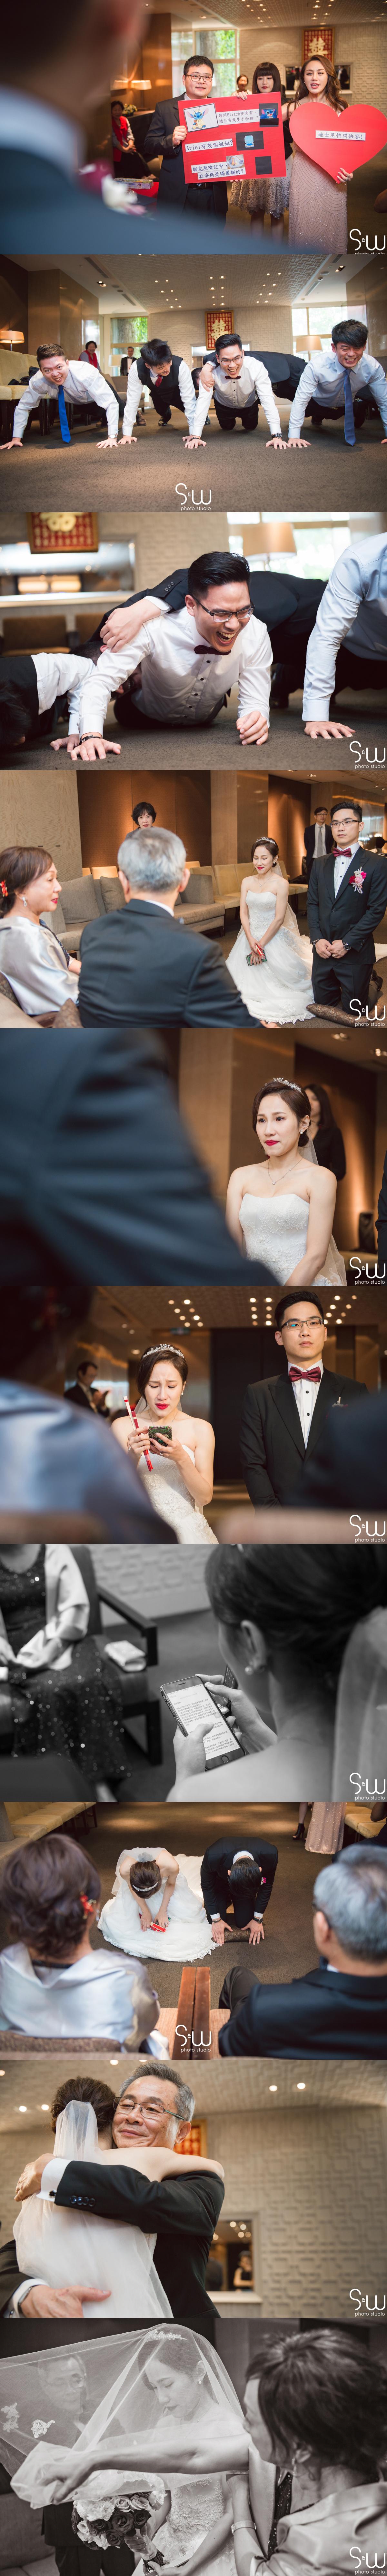 WEDDING | Ambassador Taipei (台北國賓婚禮) | sw photo studio 婚禮, 婚攝, 婚紗, 海外婚禮, 海外婚紗, 海島婚禮,峇里島婚禮, 峇里島婚紗, 台灣婚禮, 婚攝推薦